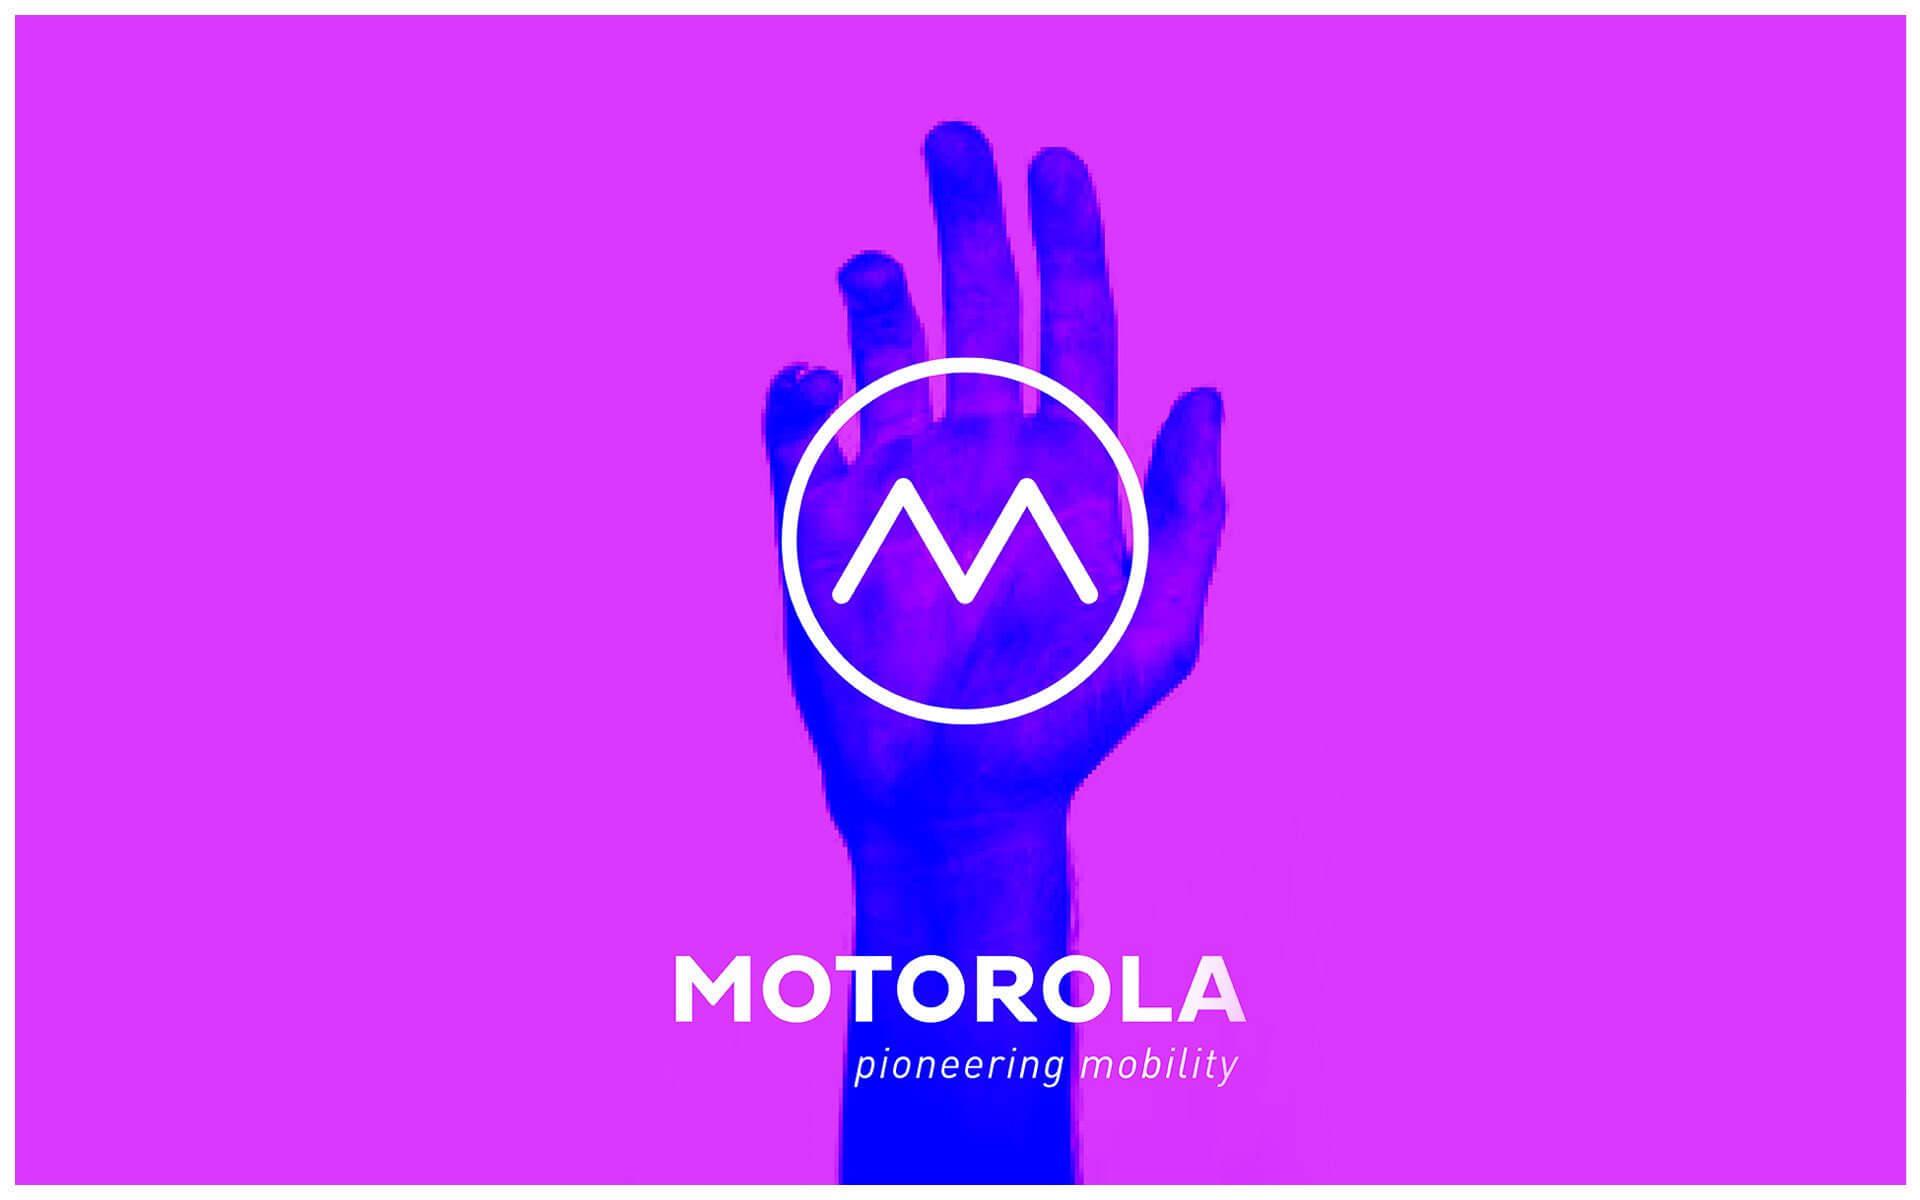 f5a577408590cffd6ef415a0 rw 1920 - Motorola lança novas Style Shells e Power Packs com design diferenciado